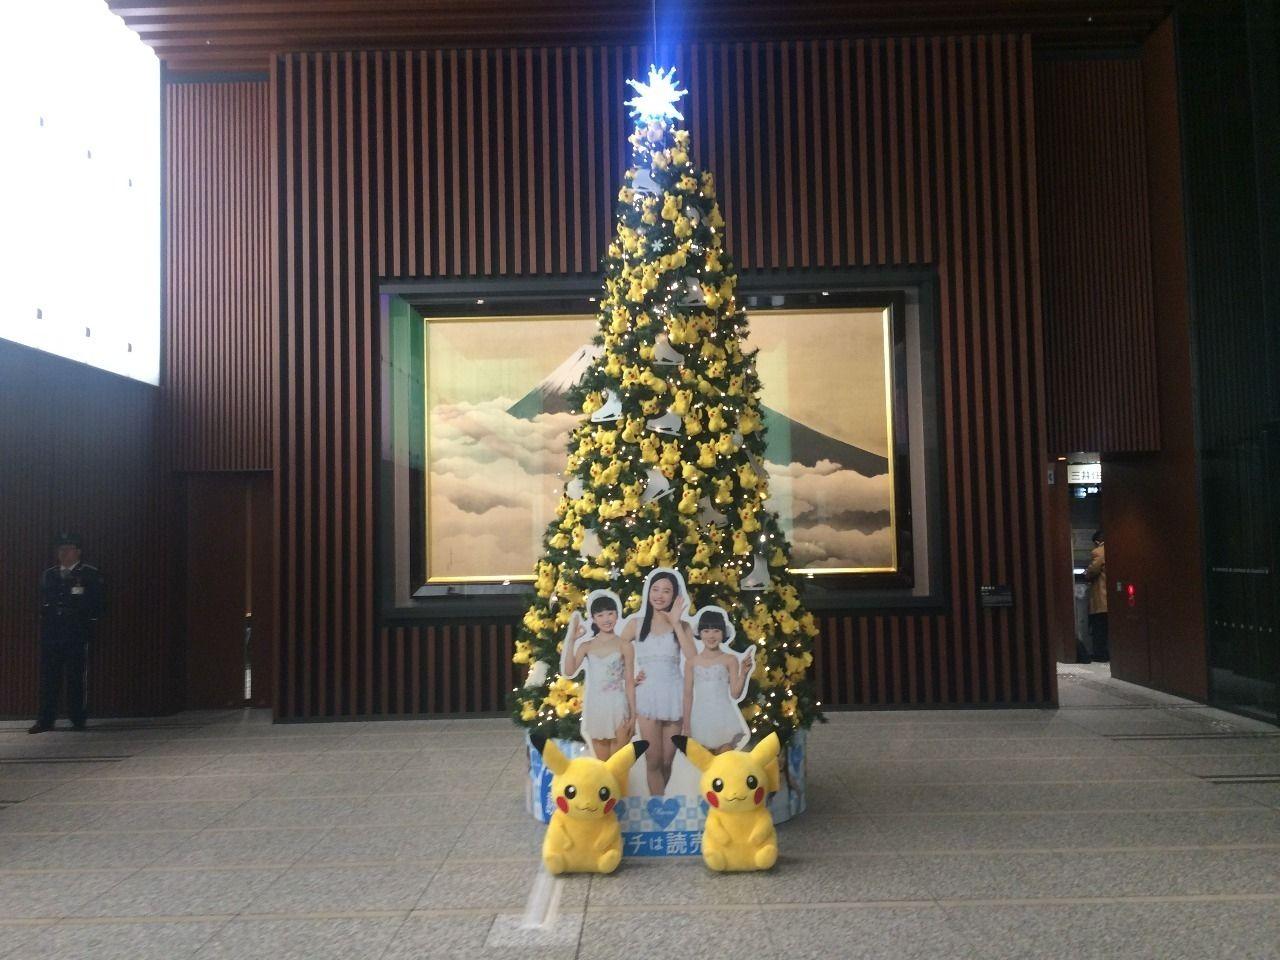 ピカチュウのクリスマスツリー